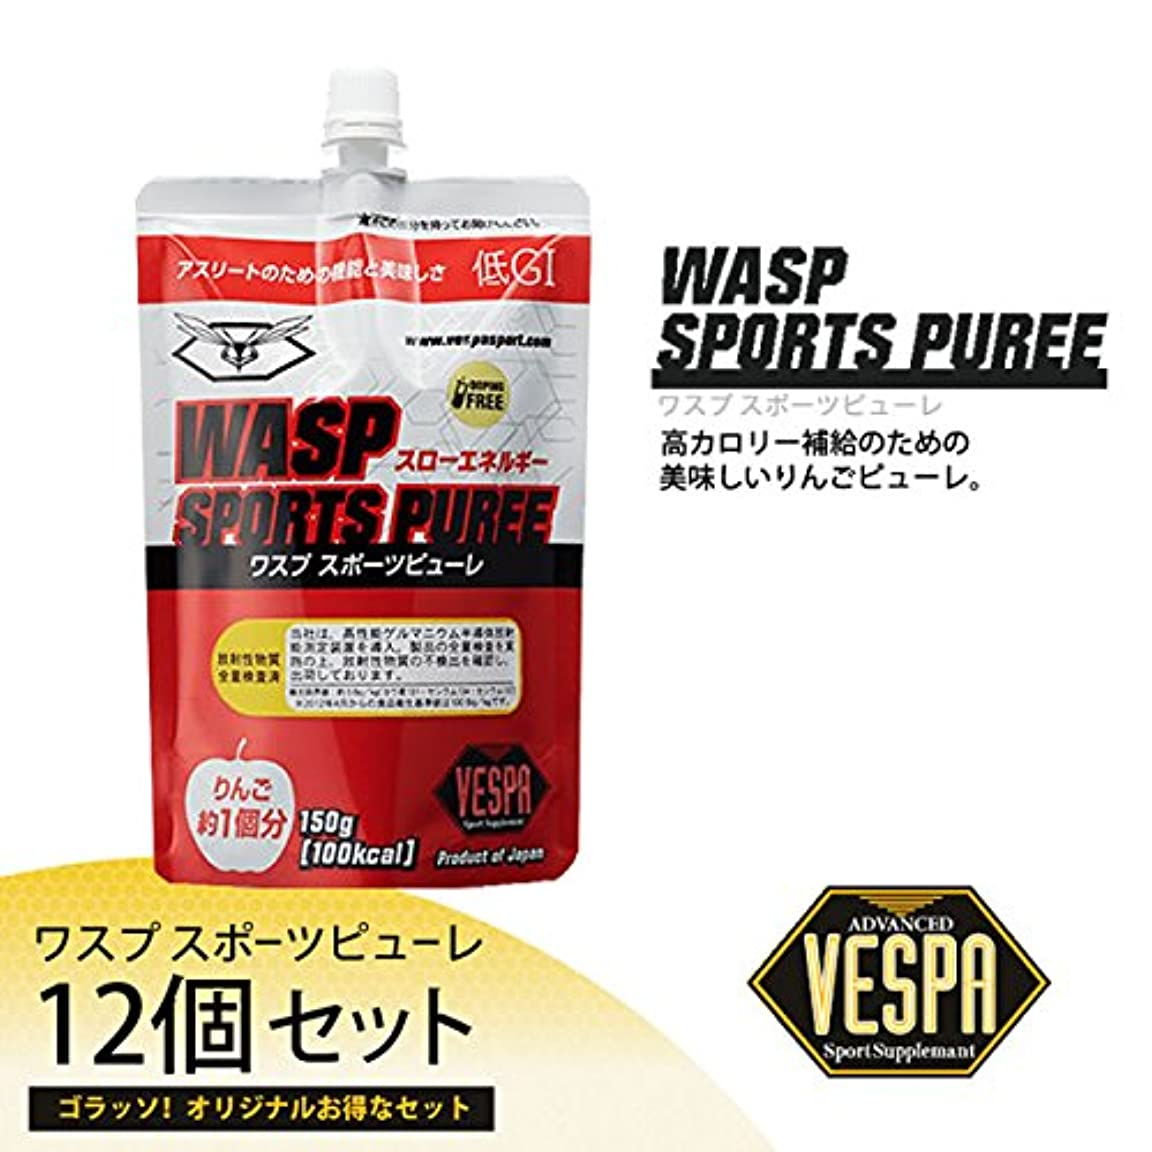 傑作コンピューター作者VESPA(べスパ) WASP SPORTS PUREE(ワスプ スポーツピューレ) 150ml ×12個